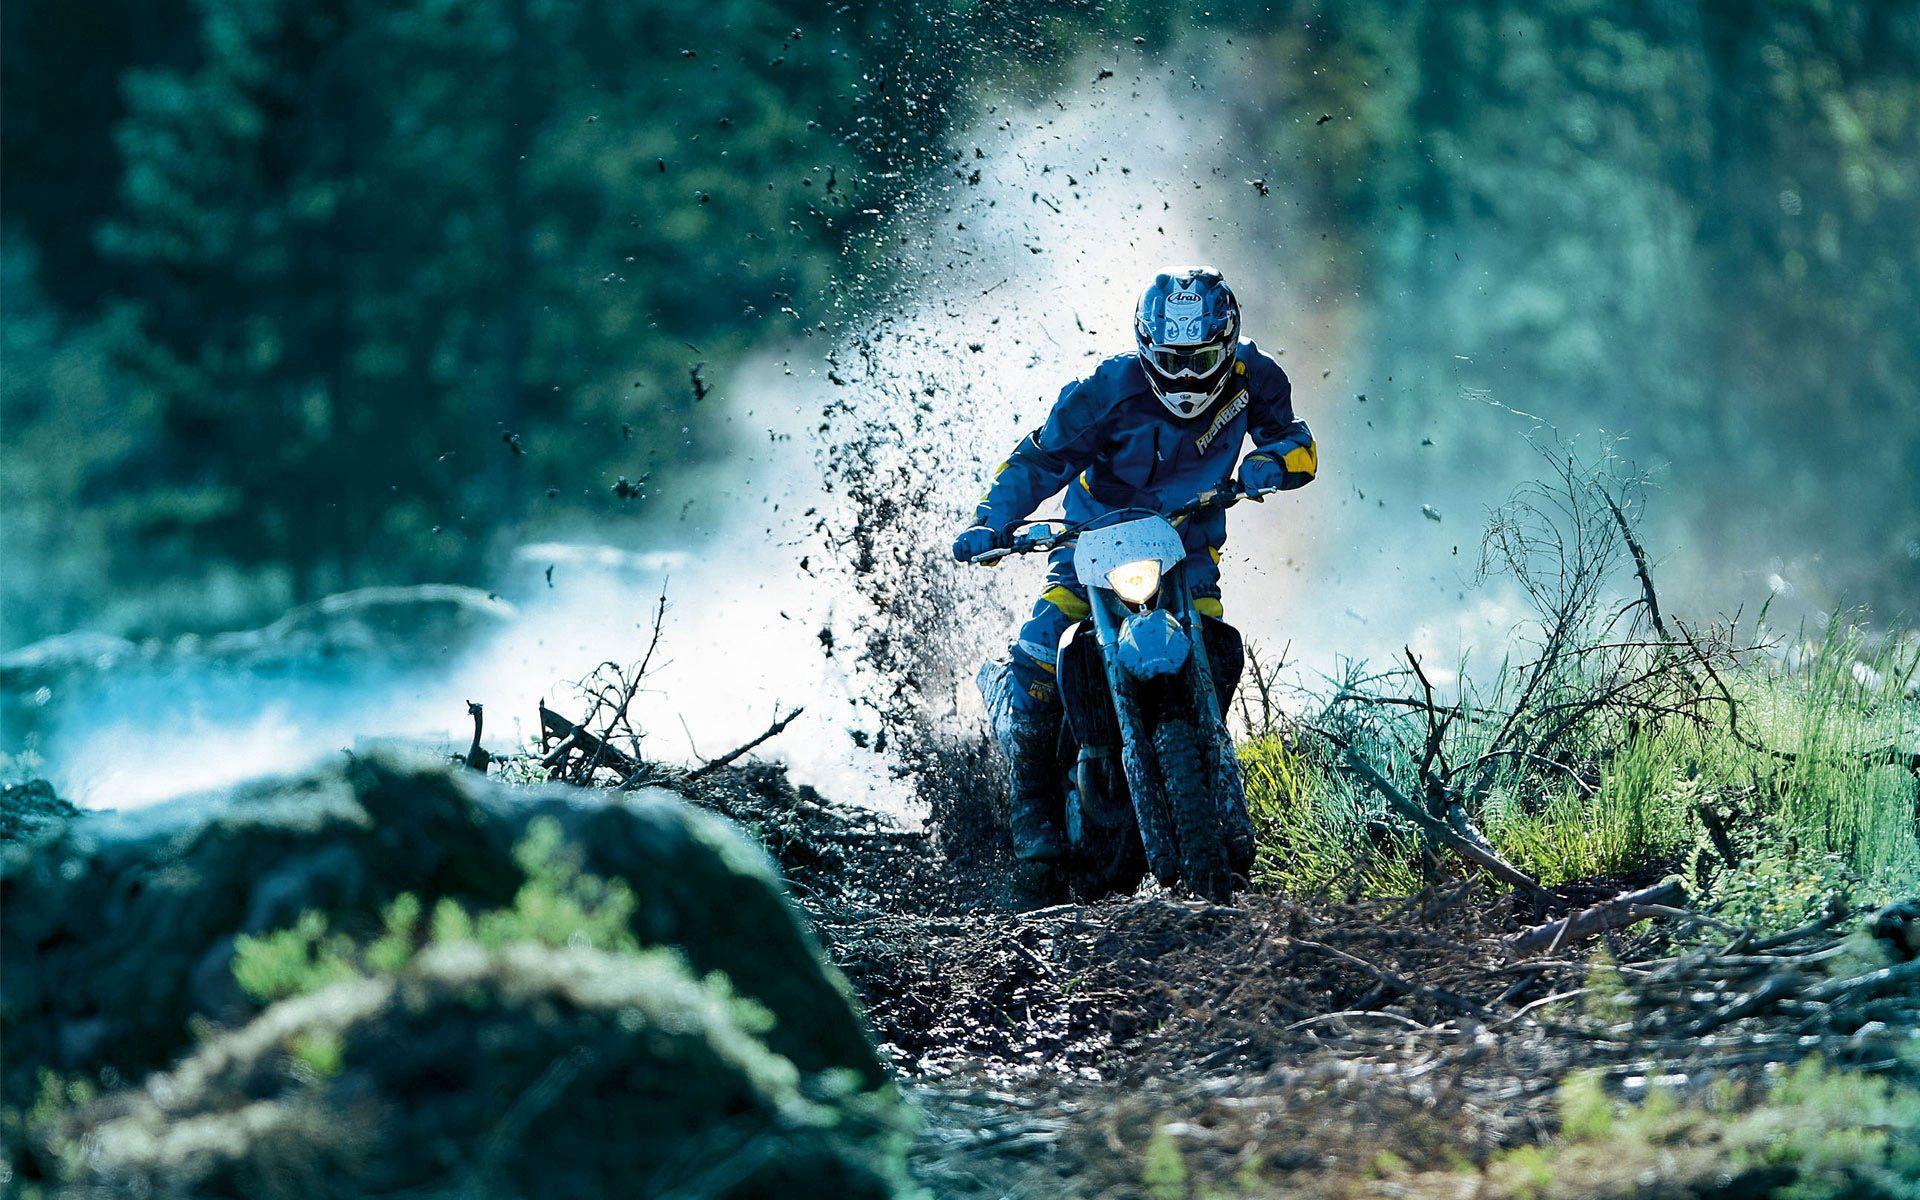 52469 Hintergrundbild herunterladen Motorräder, Rennen, Motorrad, Drift, Motorrad Fahren - Bildschirmschoner und Bilder kostenlos